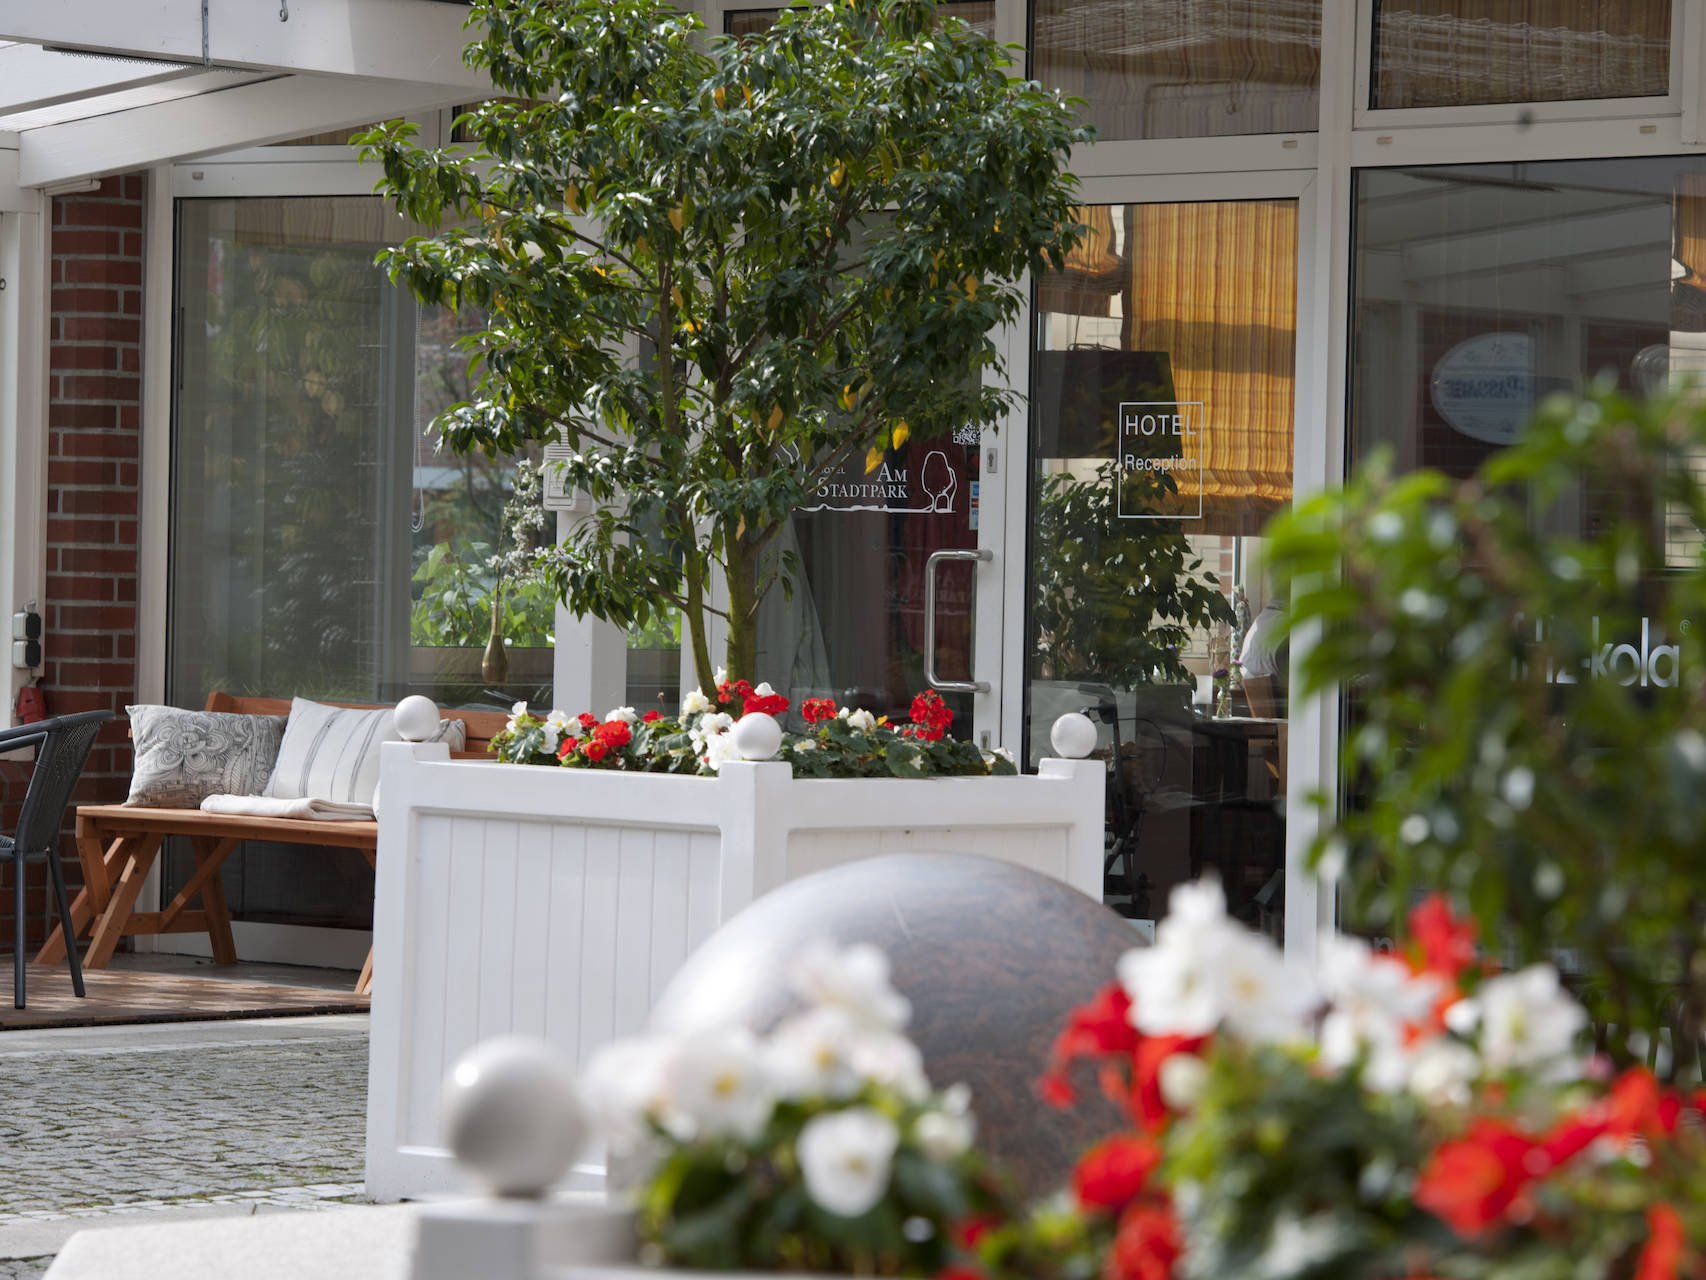 Aussenansicht Hotel am Stadtpark Buxtehude 7 uai